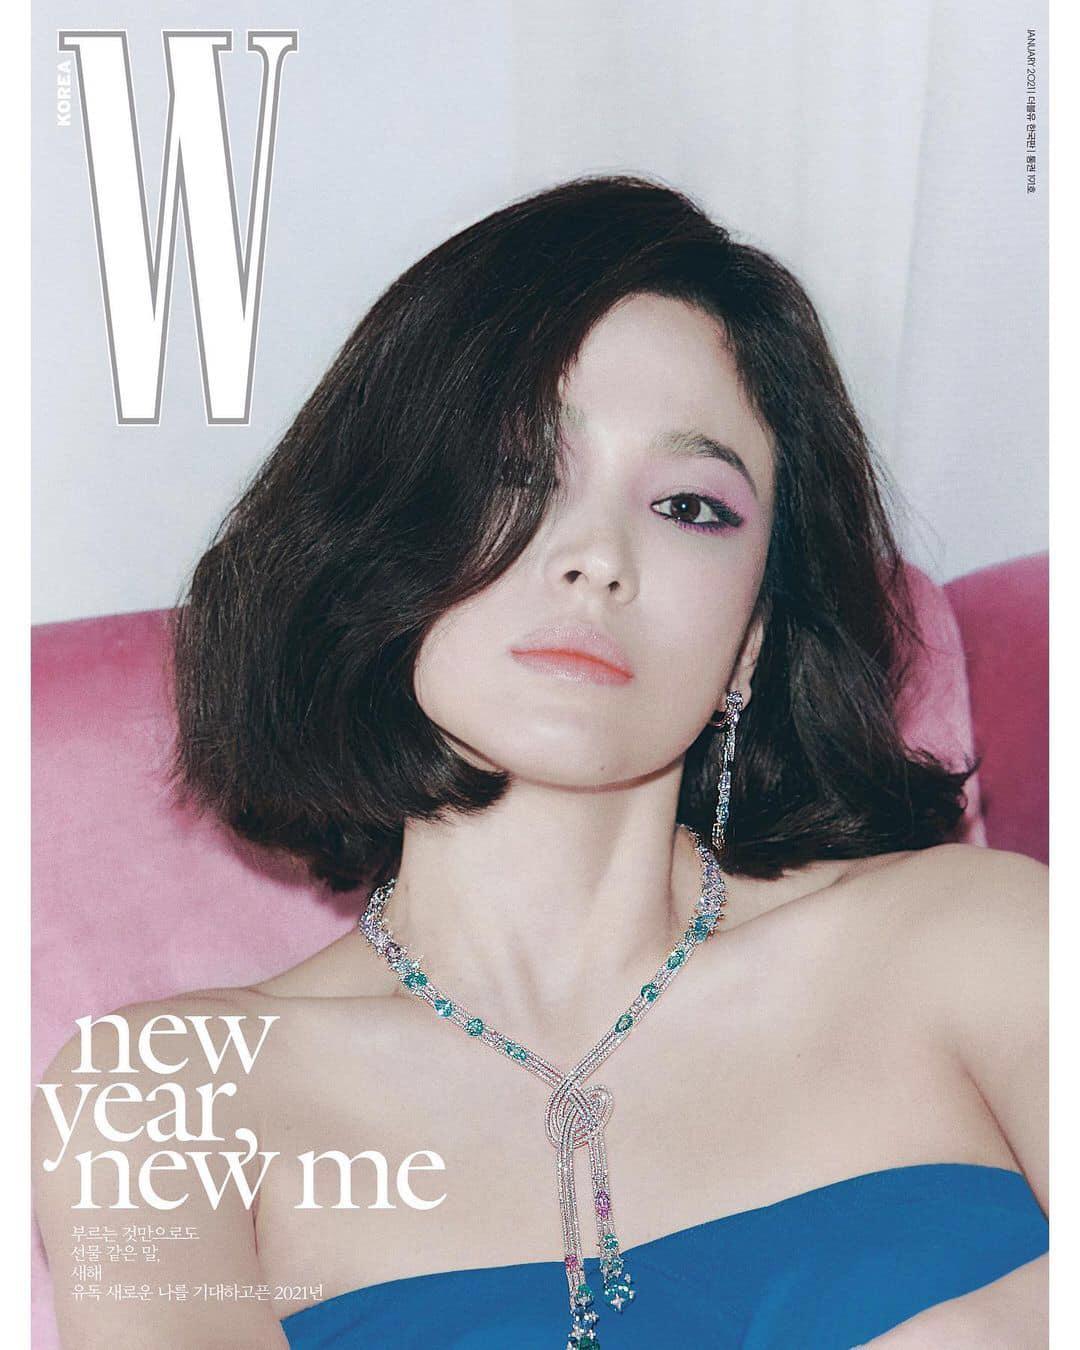 Bài phỏng vấn gây sốt của Song Hye Kyo: Lần đầu công khai nói về cuộc sống hậu ly hôn, dũng cảm nhắc tới tình yêu sau khi Song Joong Ki rời đi-5